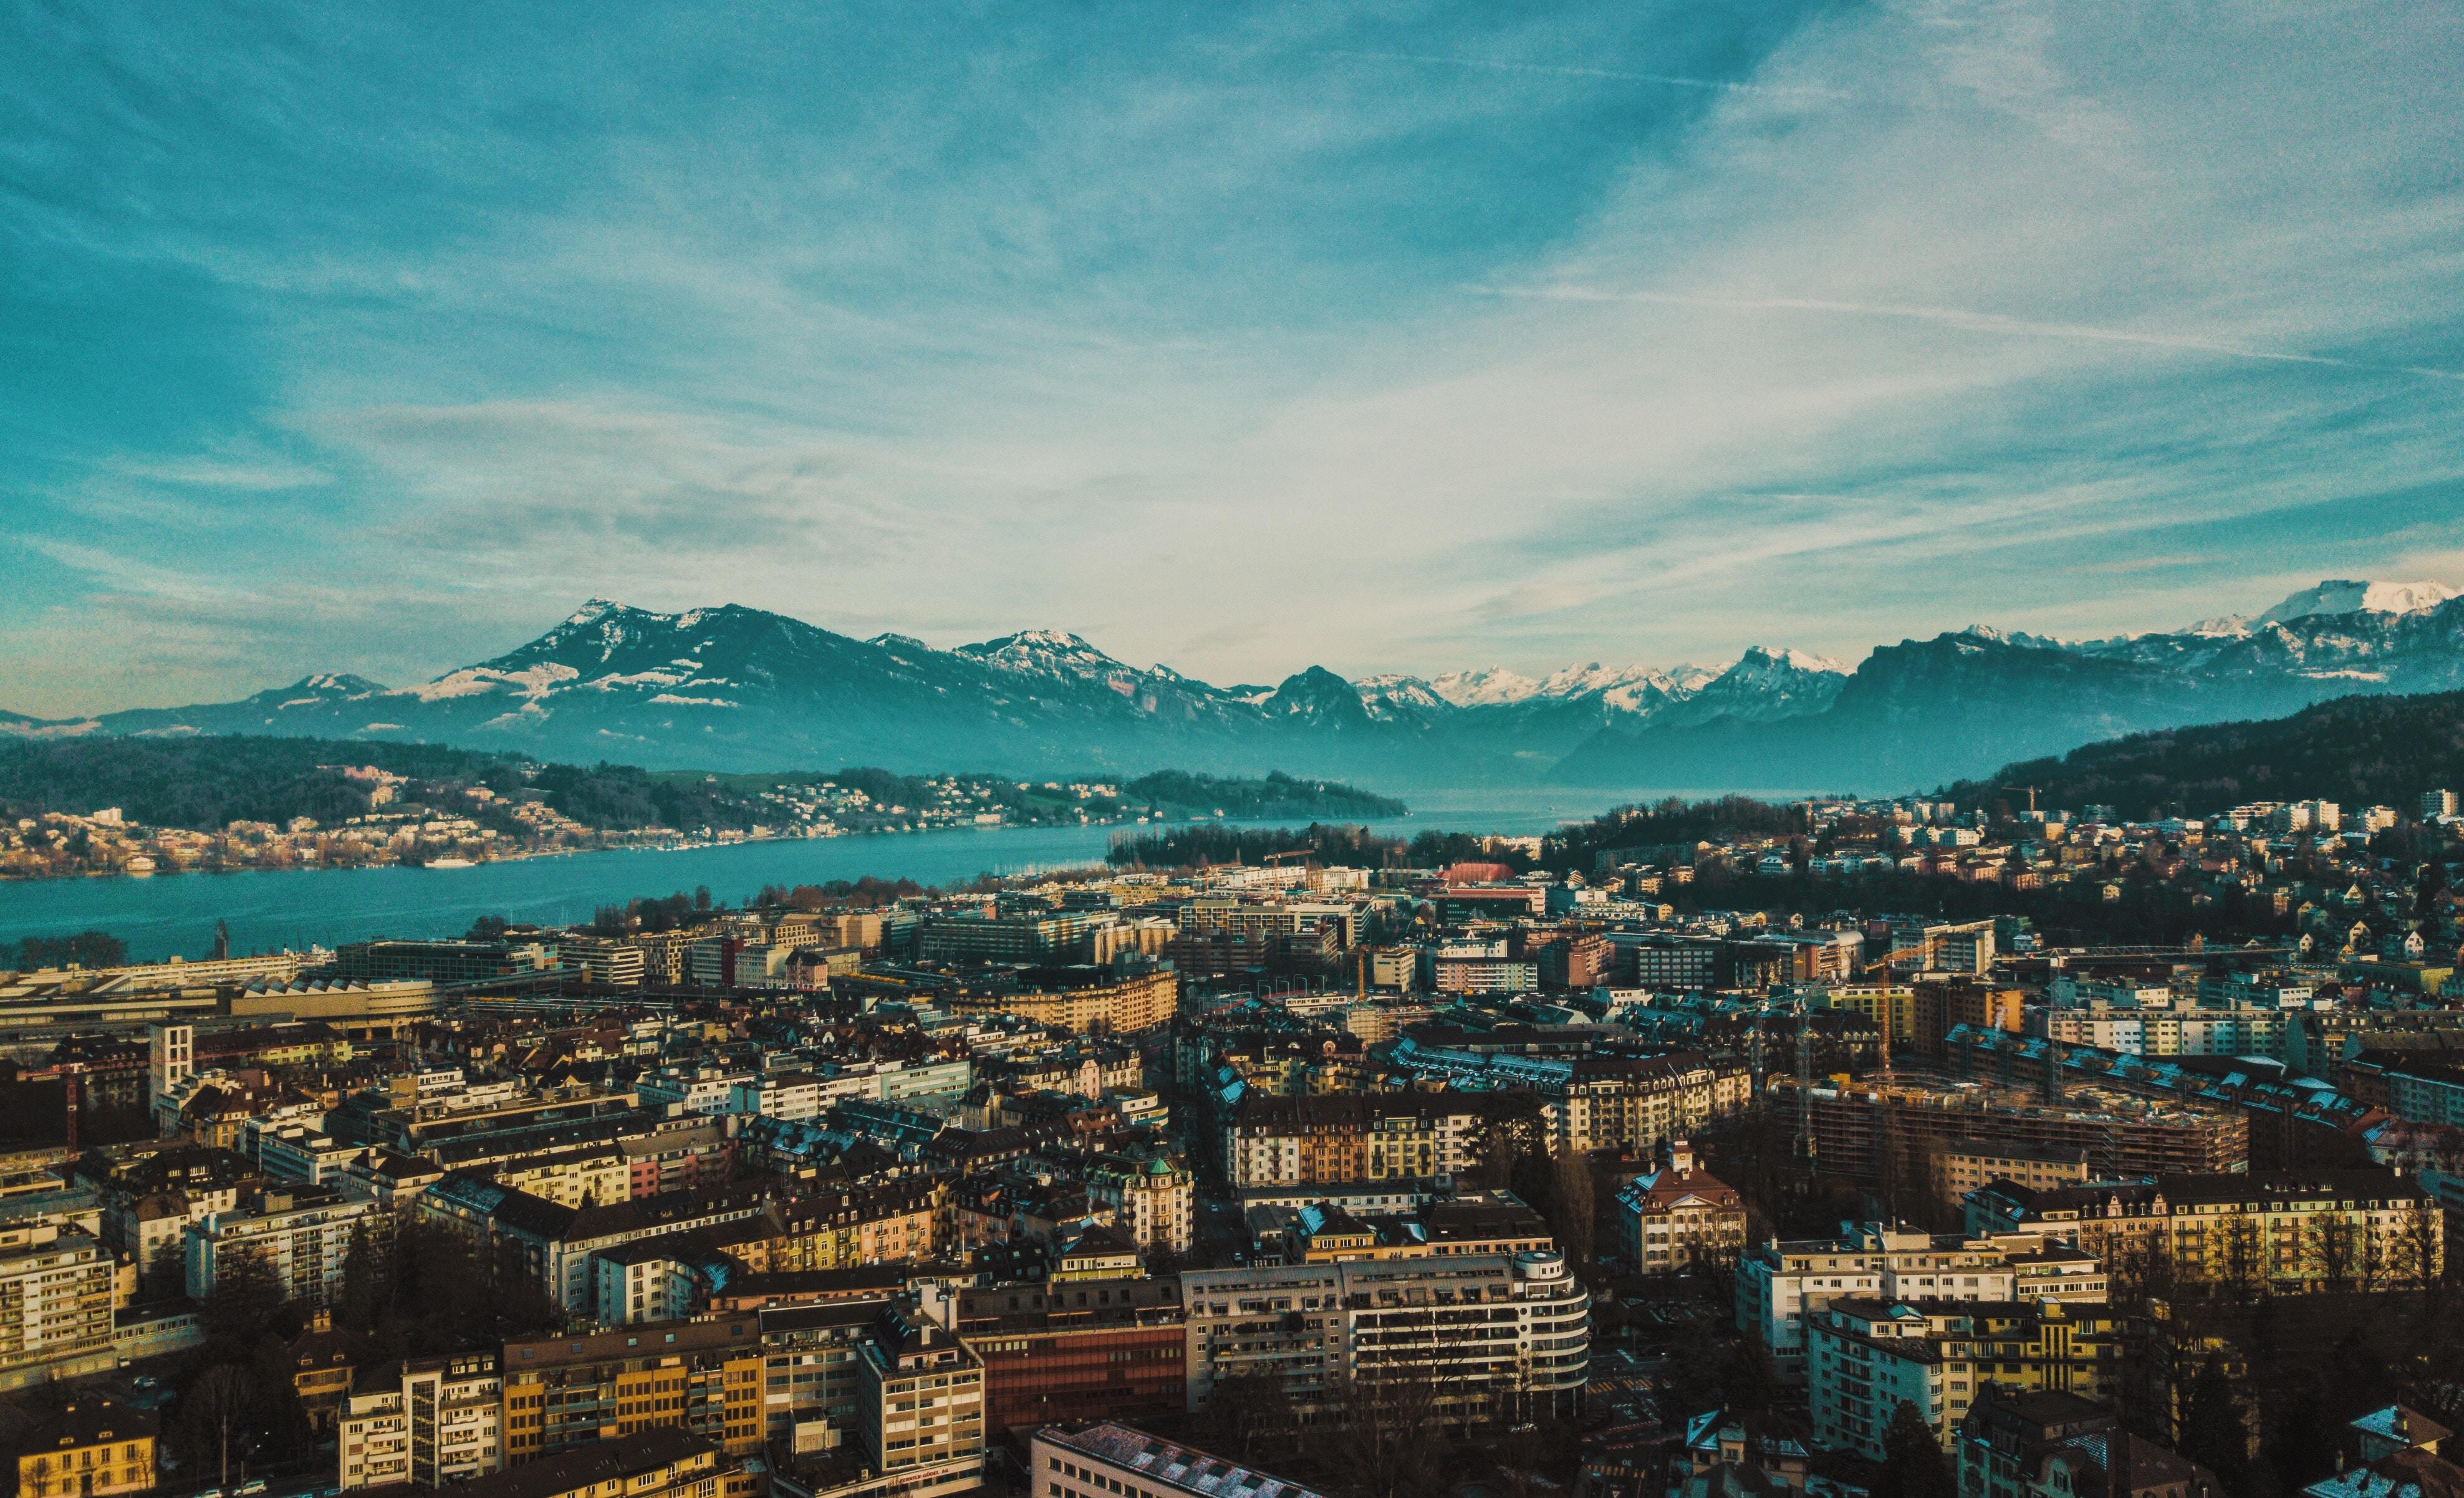 55278 скачать обои Швейцария, Города, Горы, Город, Здания, Обзор, Люцерн - заставки и картинки бесплатно